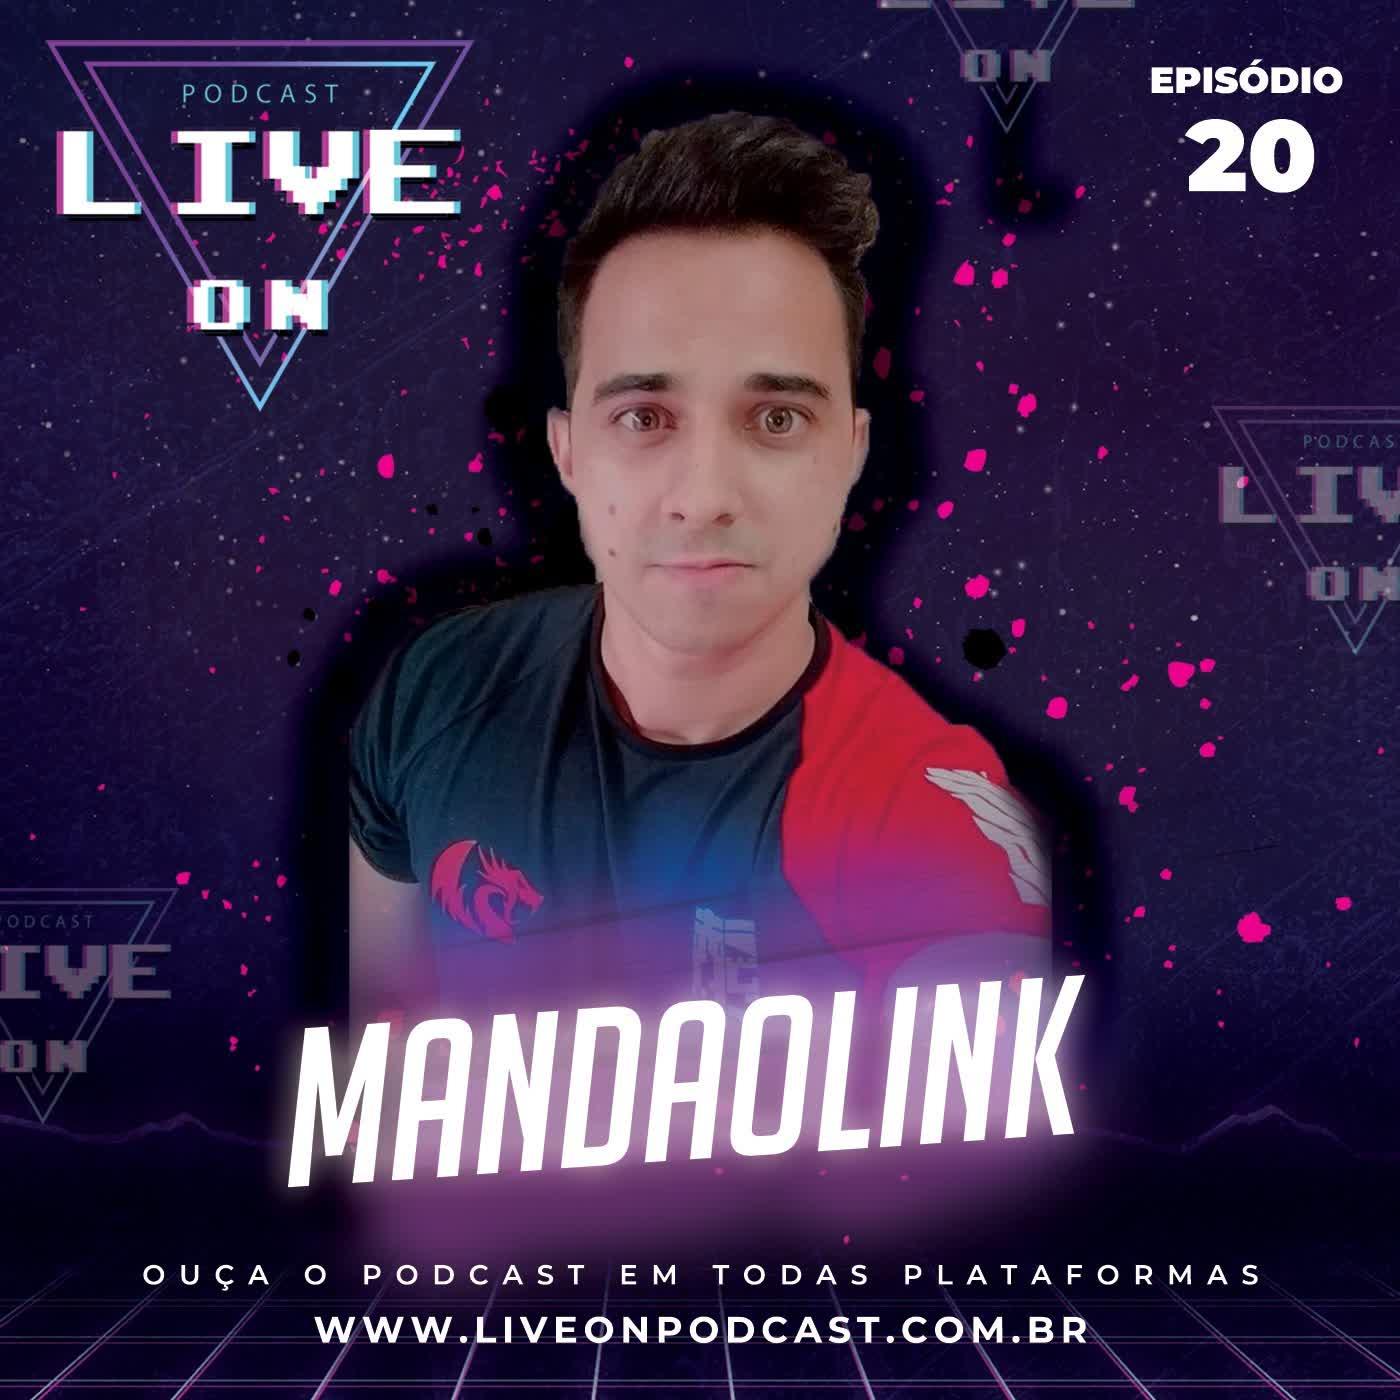 Live On Podcast - Convidado: MandaOLink - Episódio 20